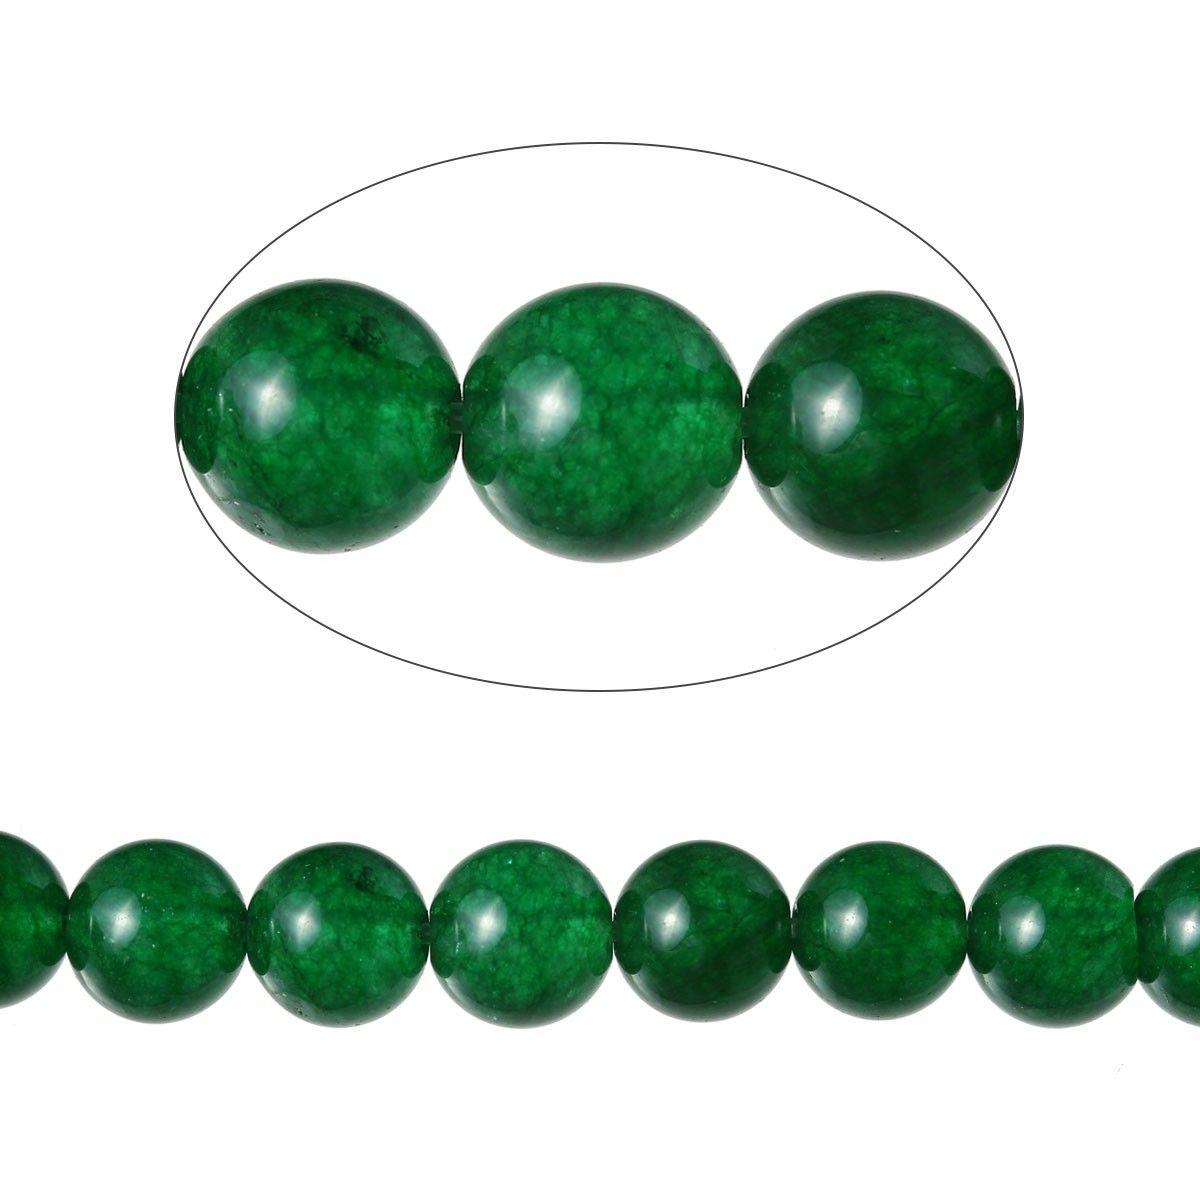 Achat Perlen - 49 Stk. - Ø 8 mm